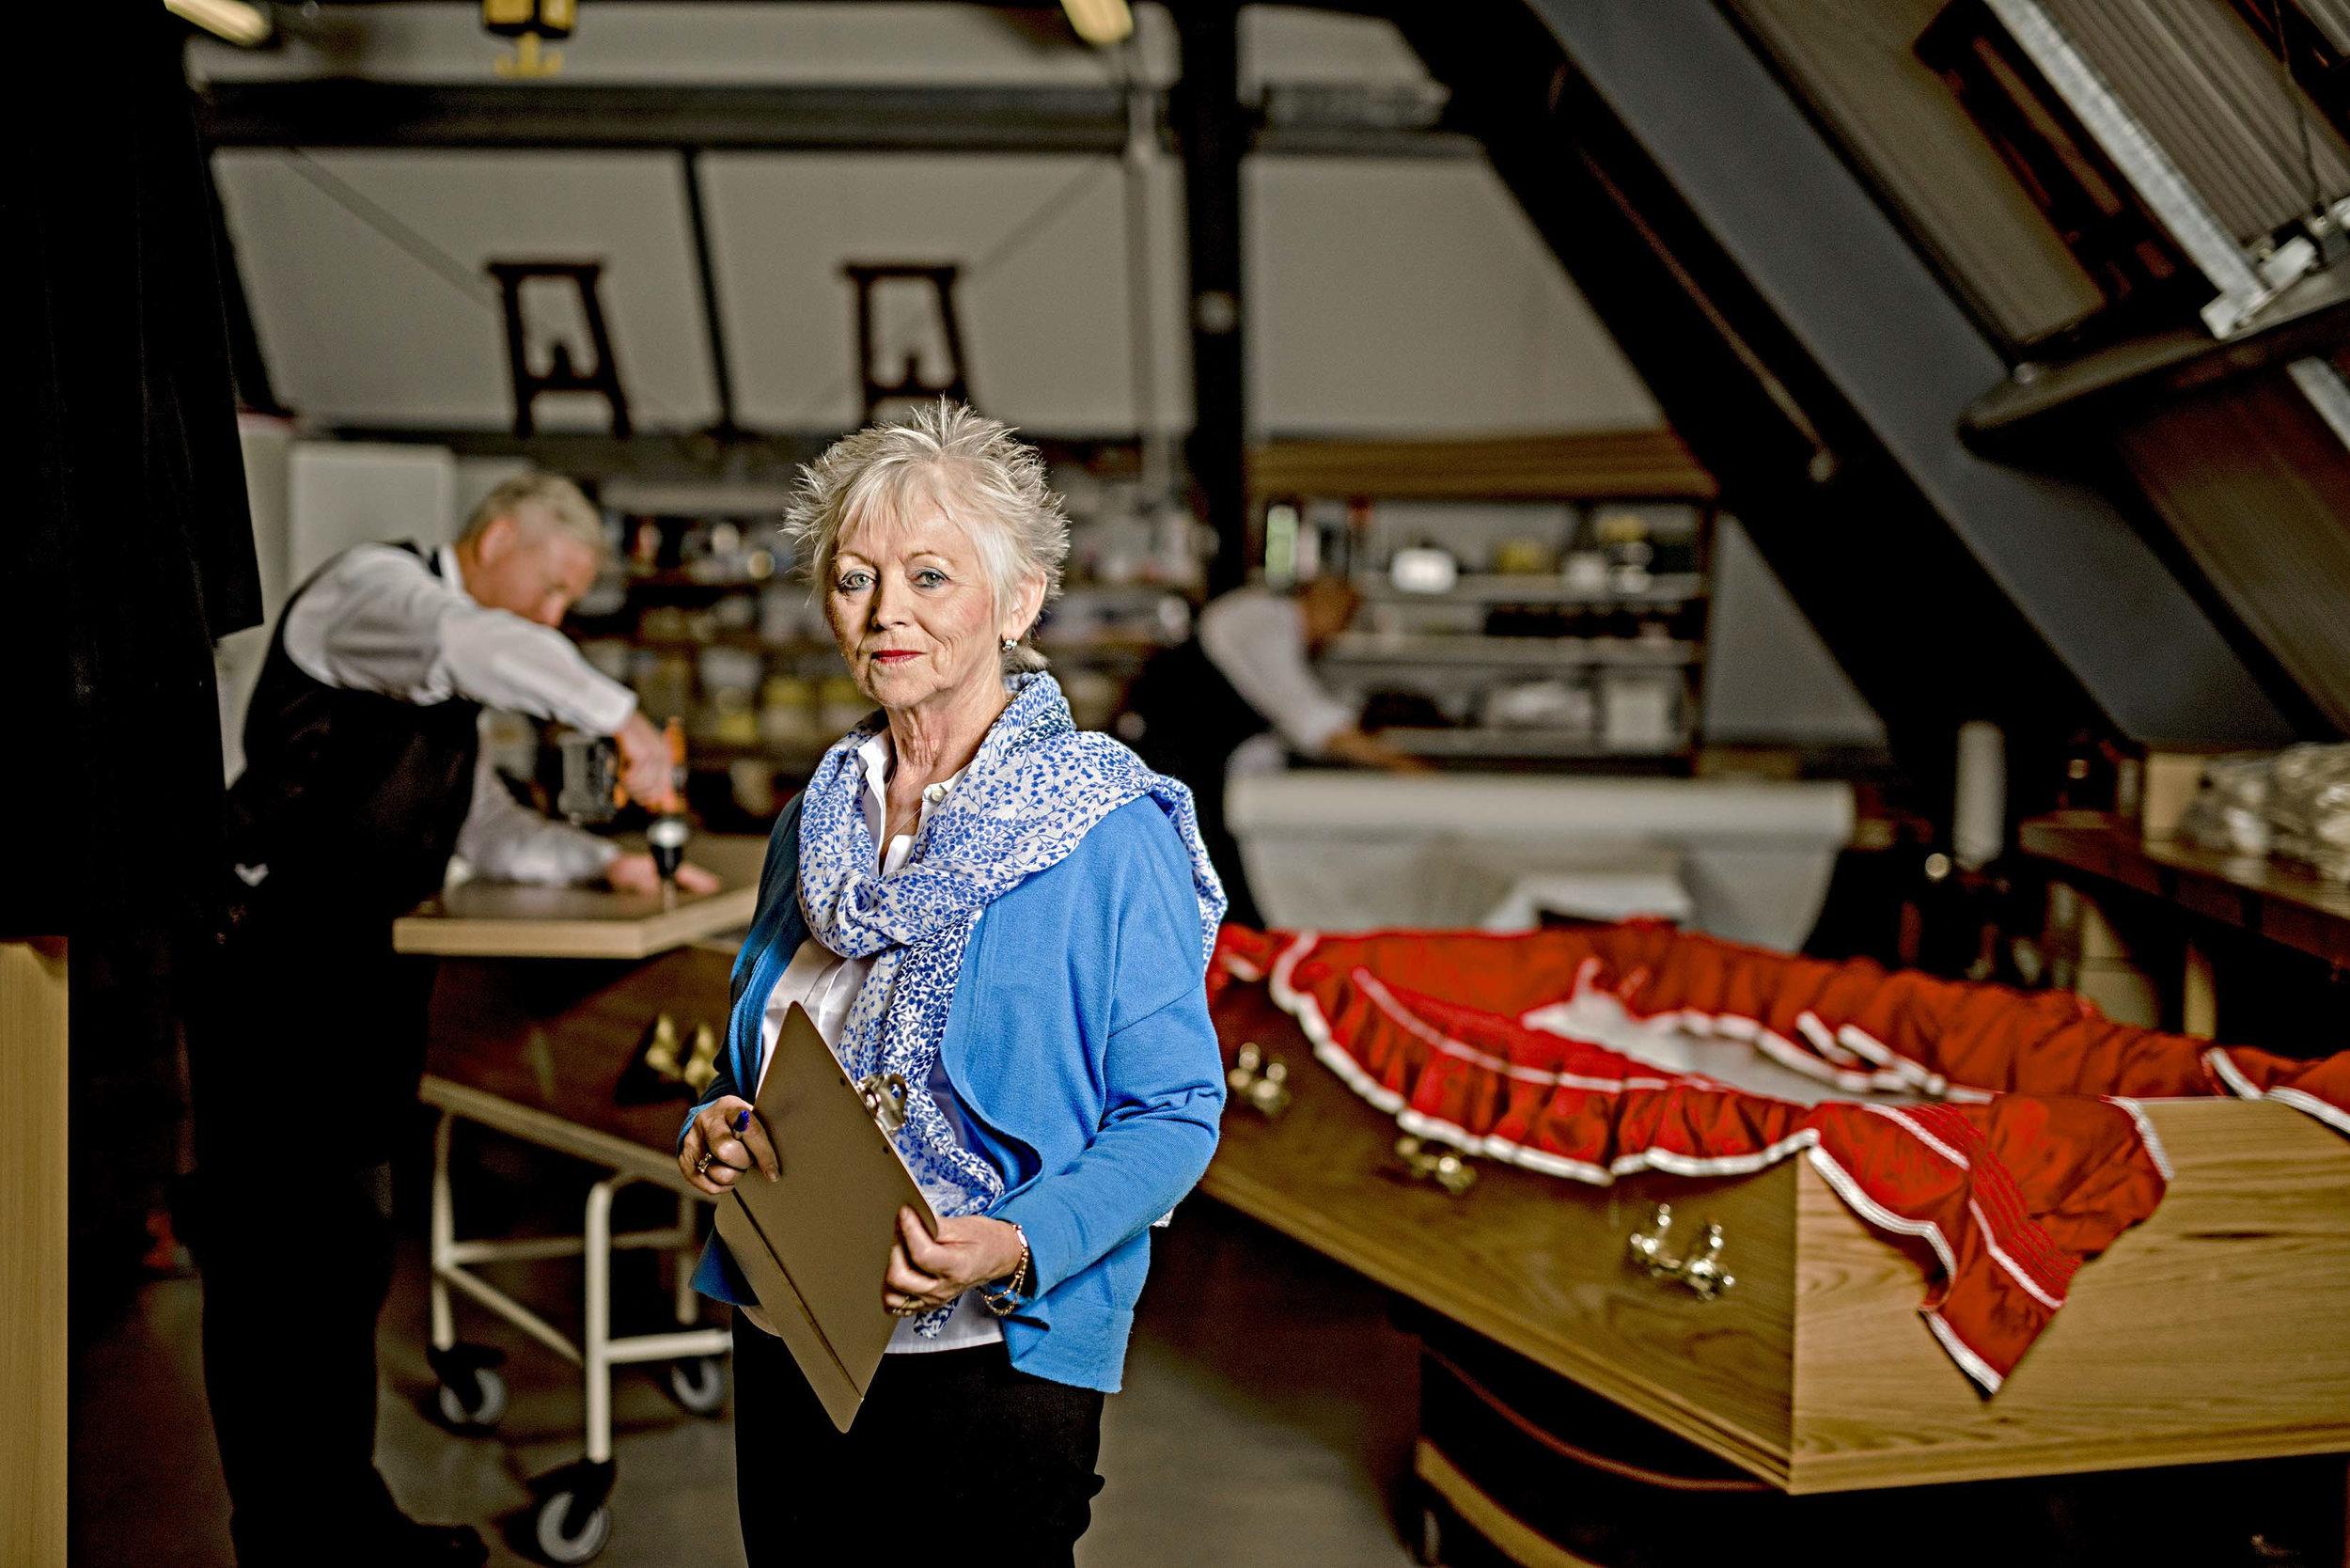 Evelyn Rutter